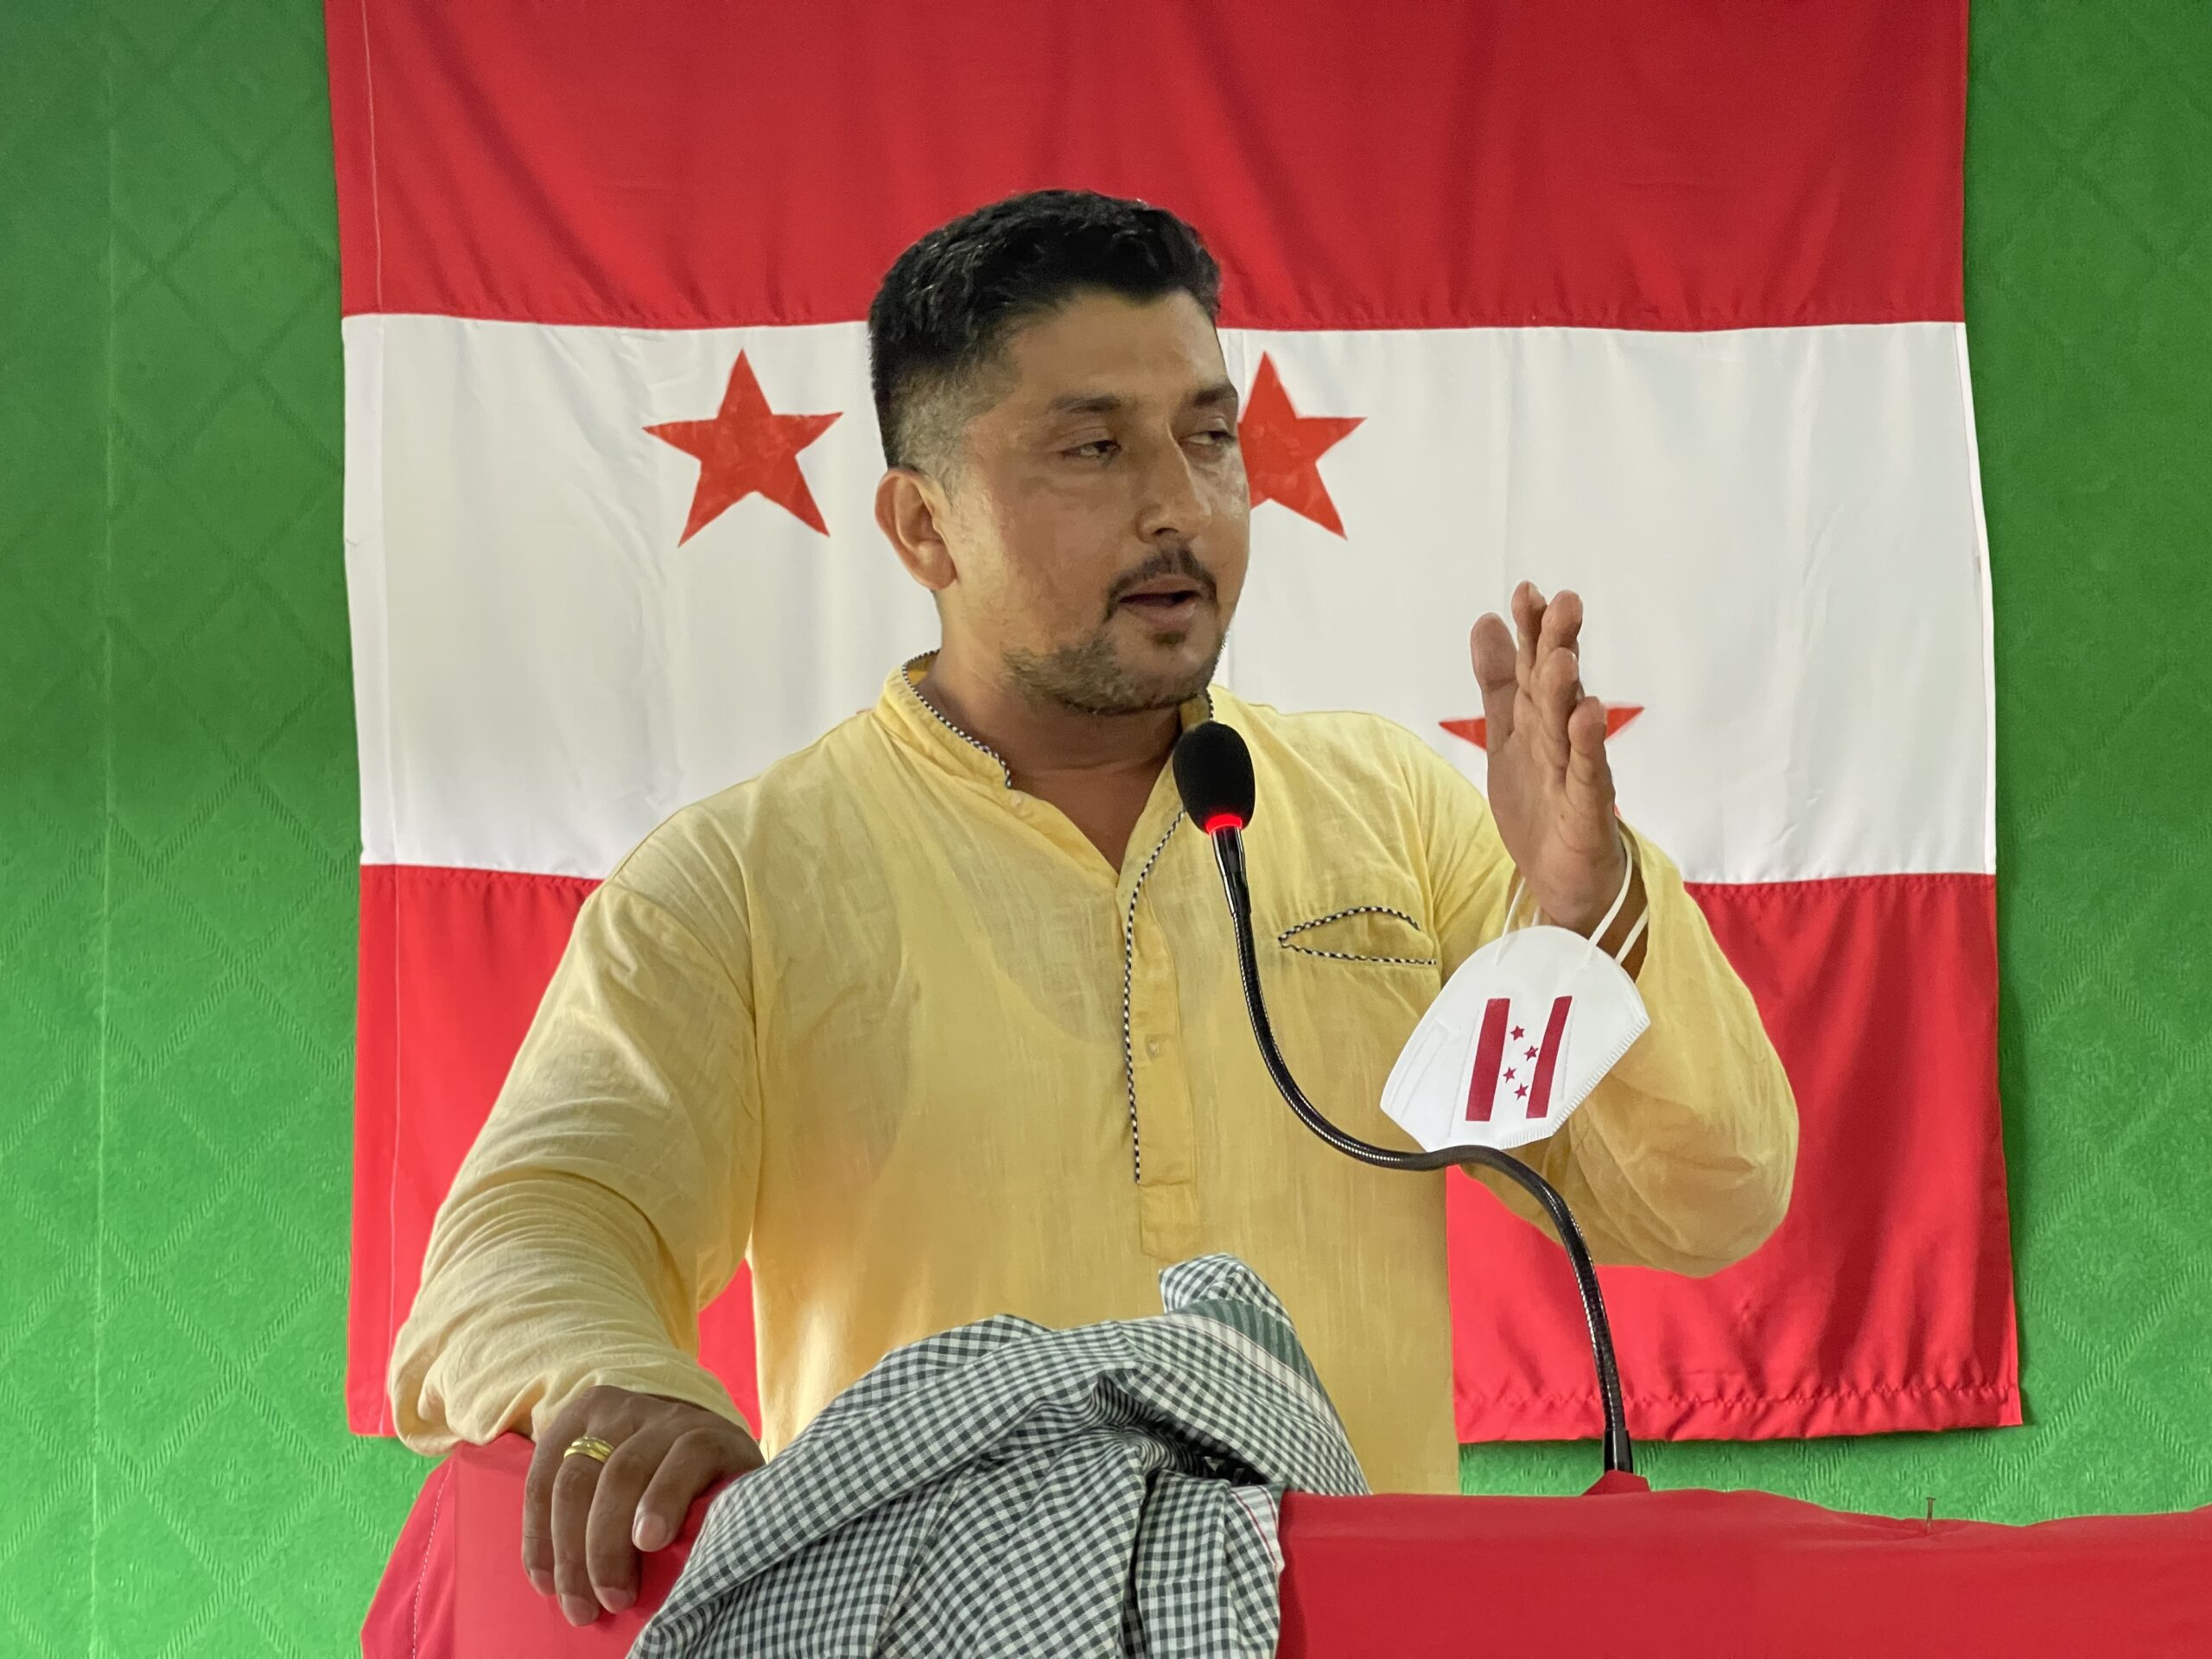 नेपाली काङ्ग्रेस रामधुनी नगर सभापतिमा सुदिप अधिकारीको प्यानलको उमेद्धारी घोषणा